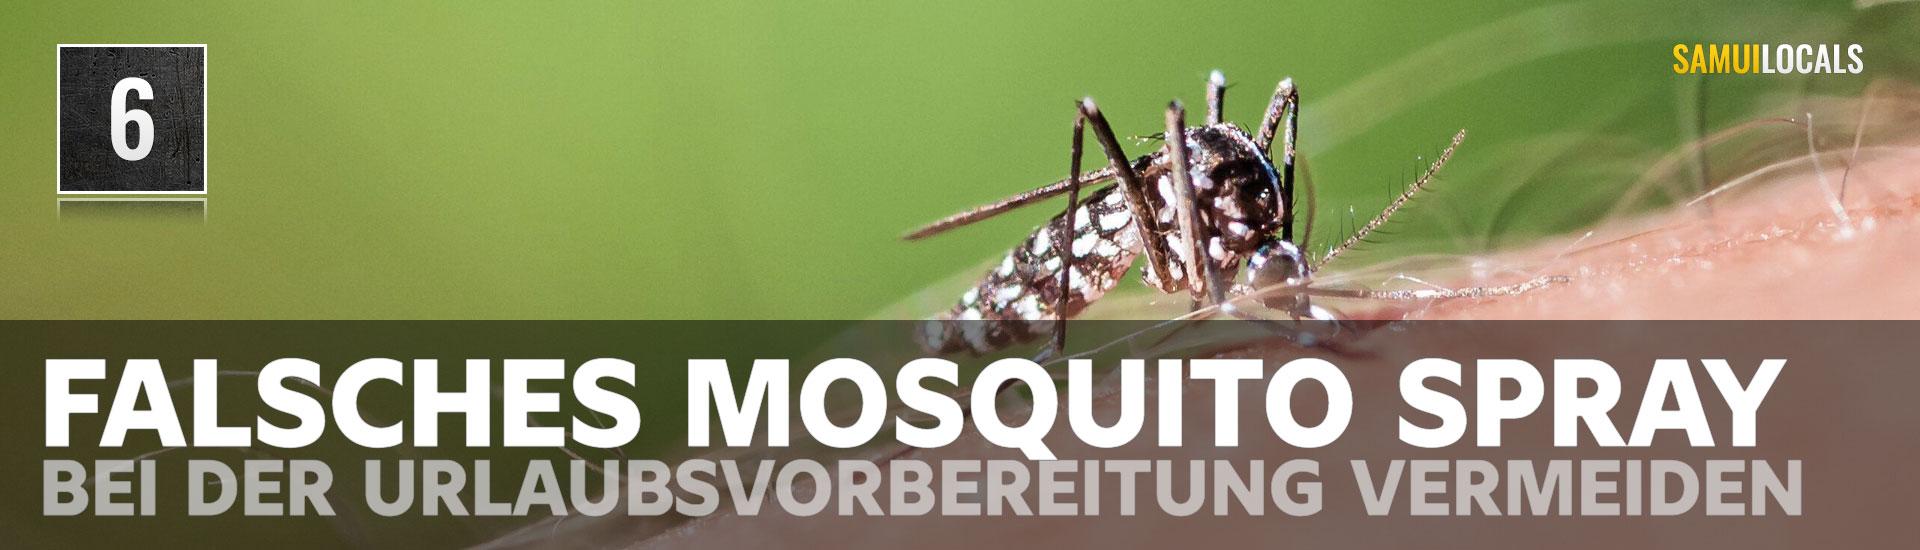 top_10_bei_der_urlaubsvorbereitung_vermeiden_falsches_mosquito_spray